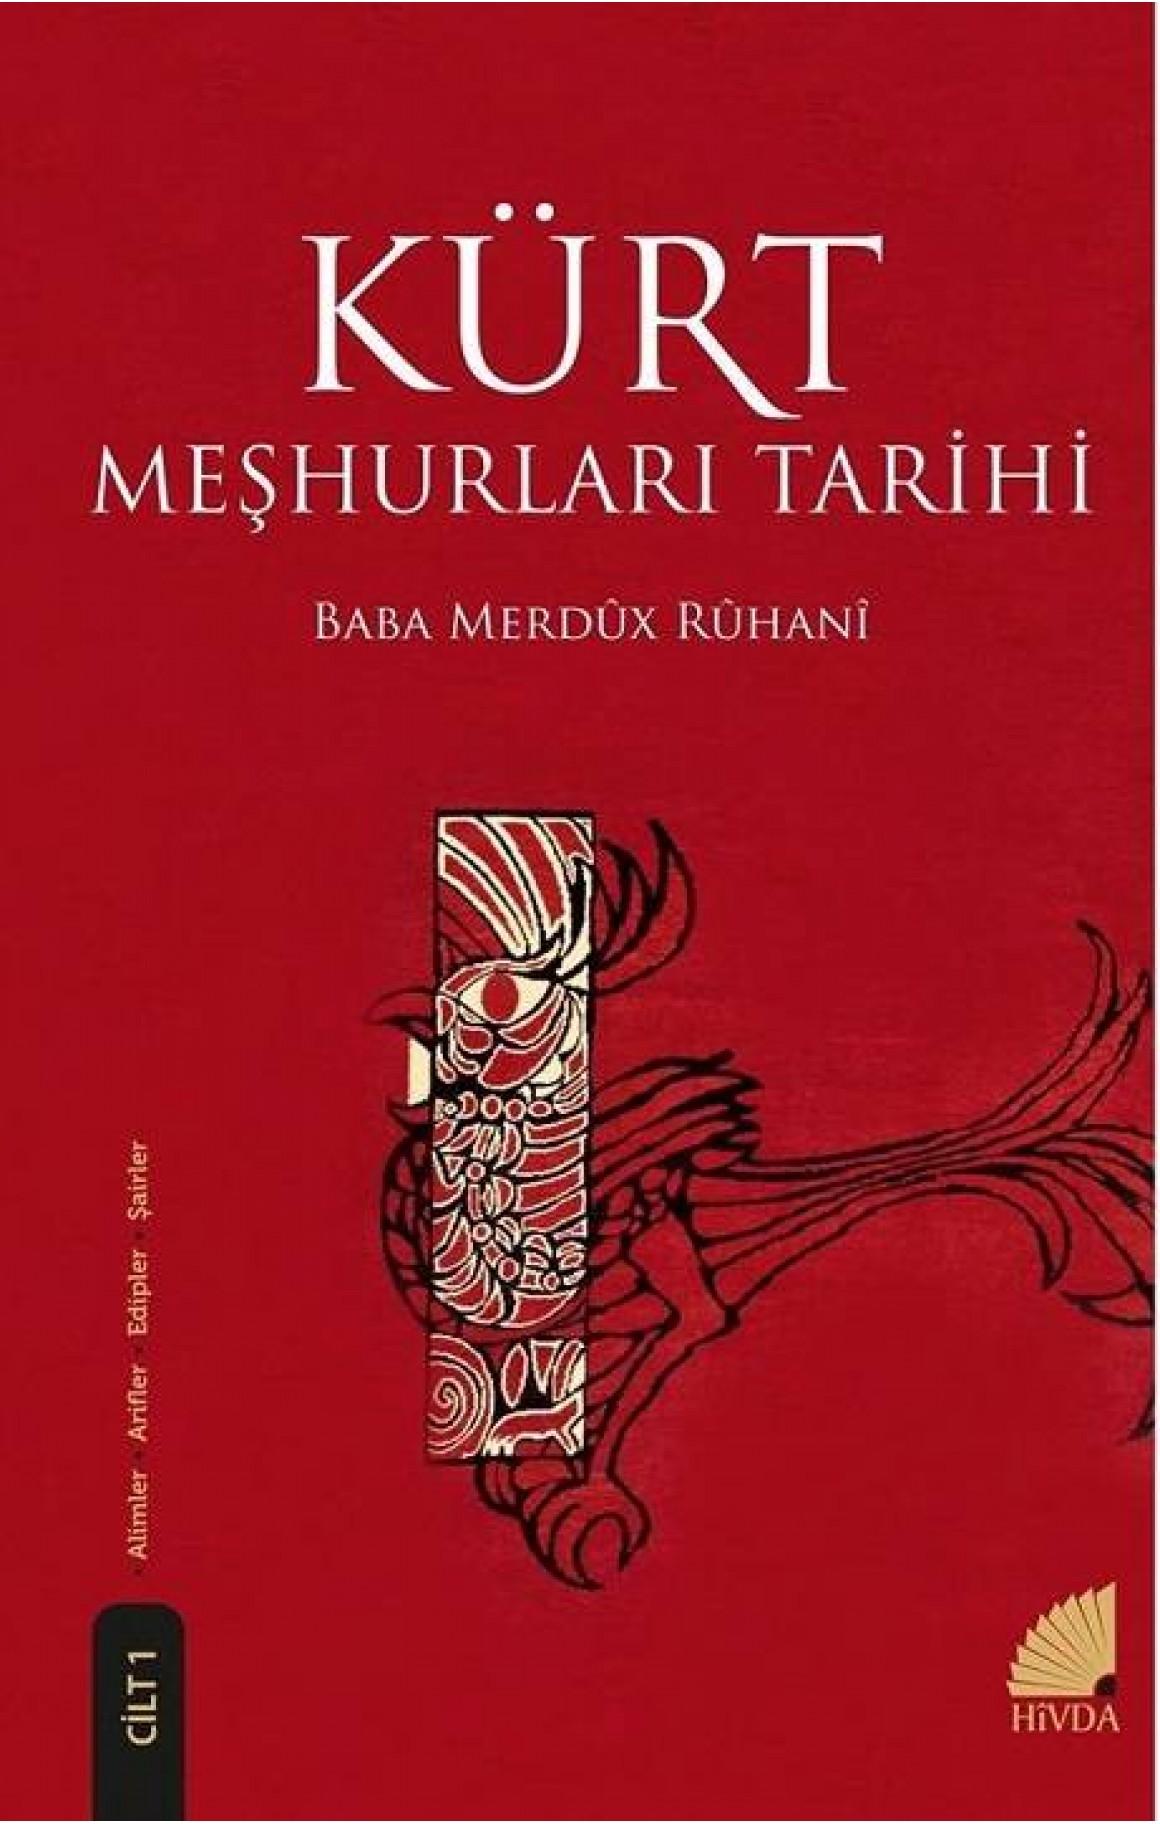 Kürt Meşhurları Tarihi